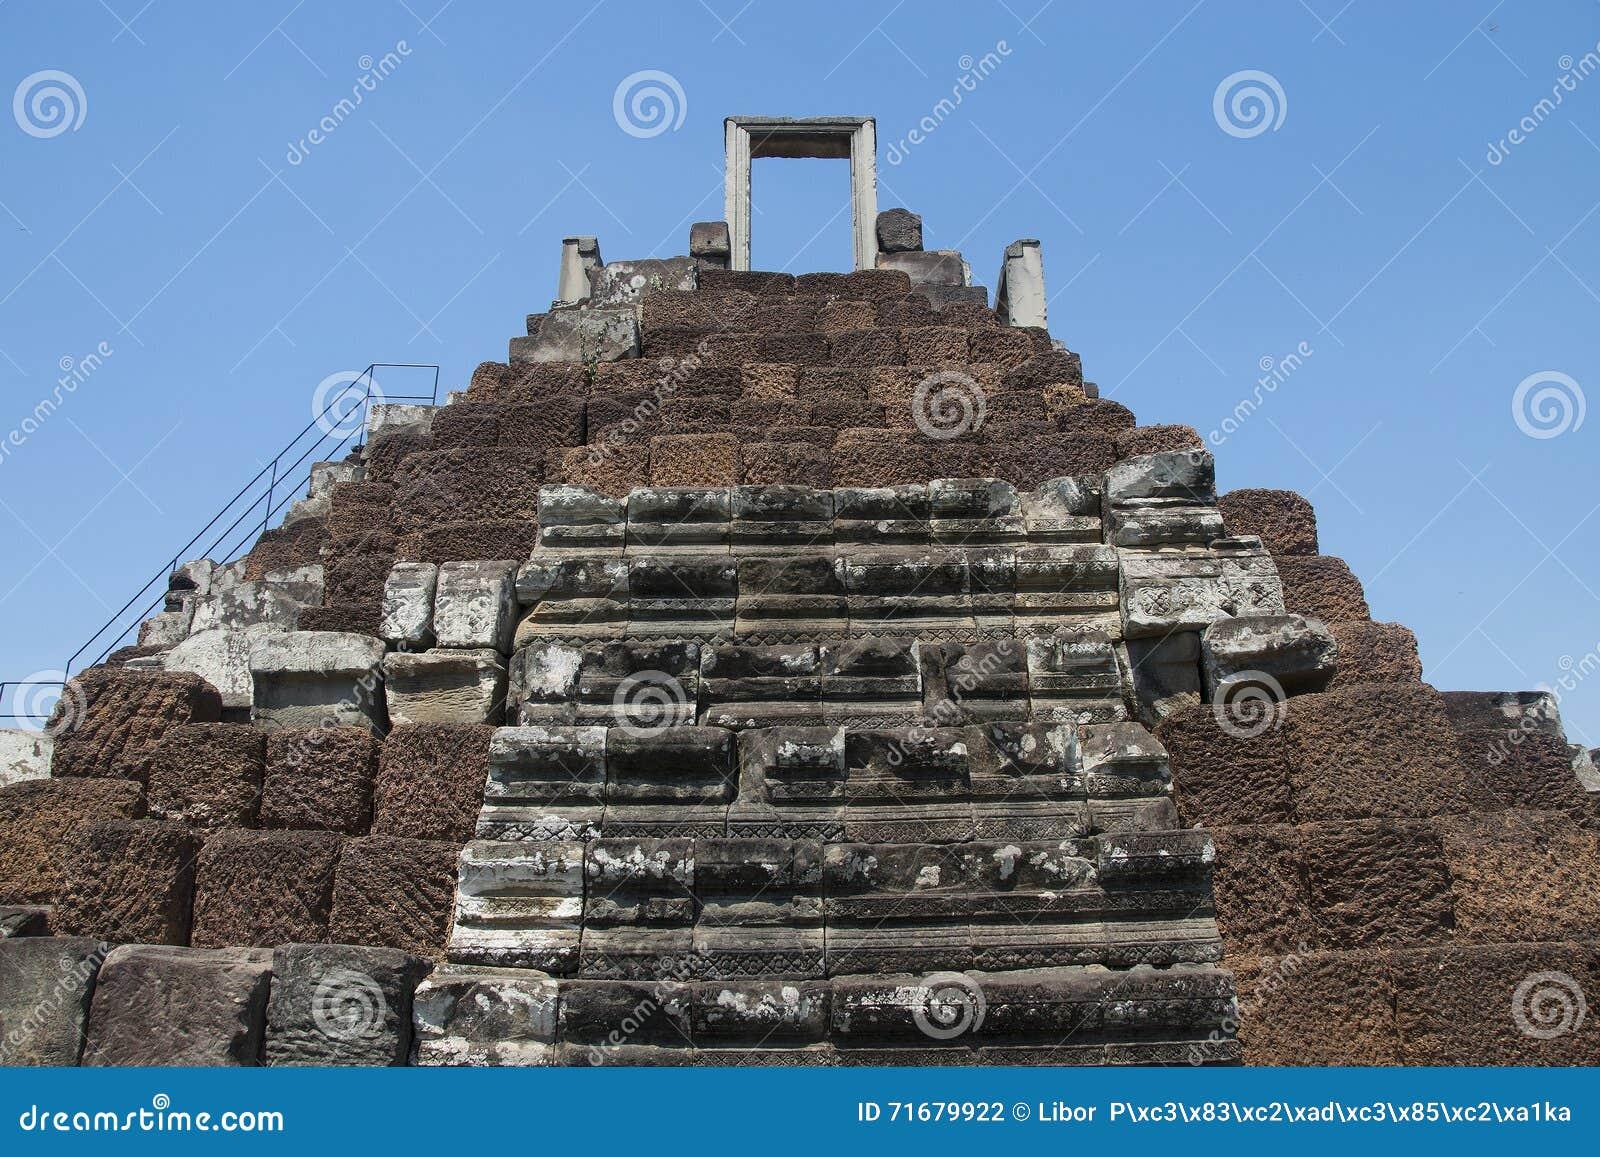 Angkor watt - tempel för Ta Prohm fördärva väggar av en khmerstaden av Angkor Wat - statlig monument